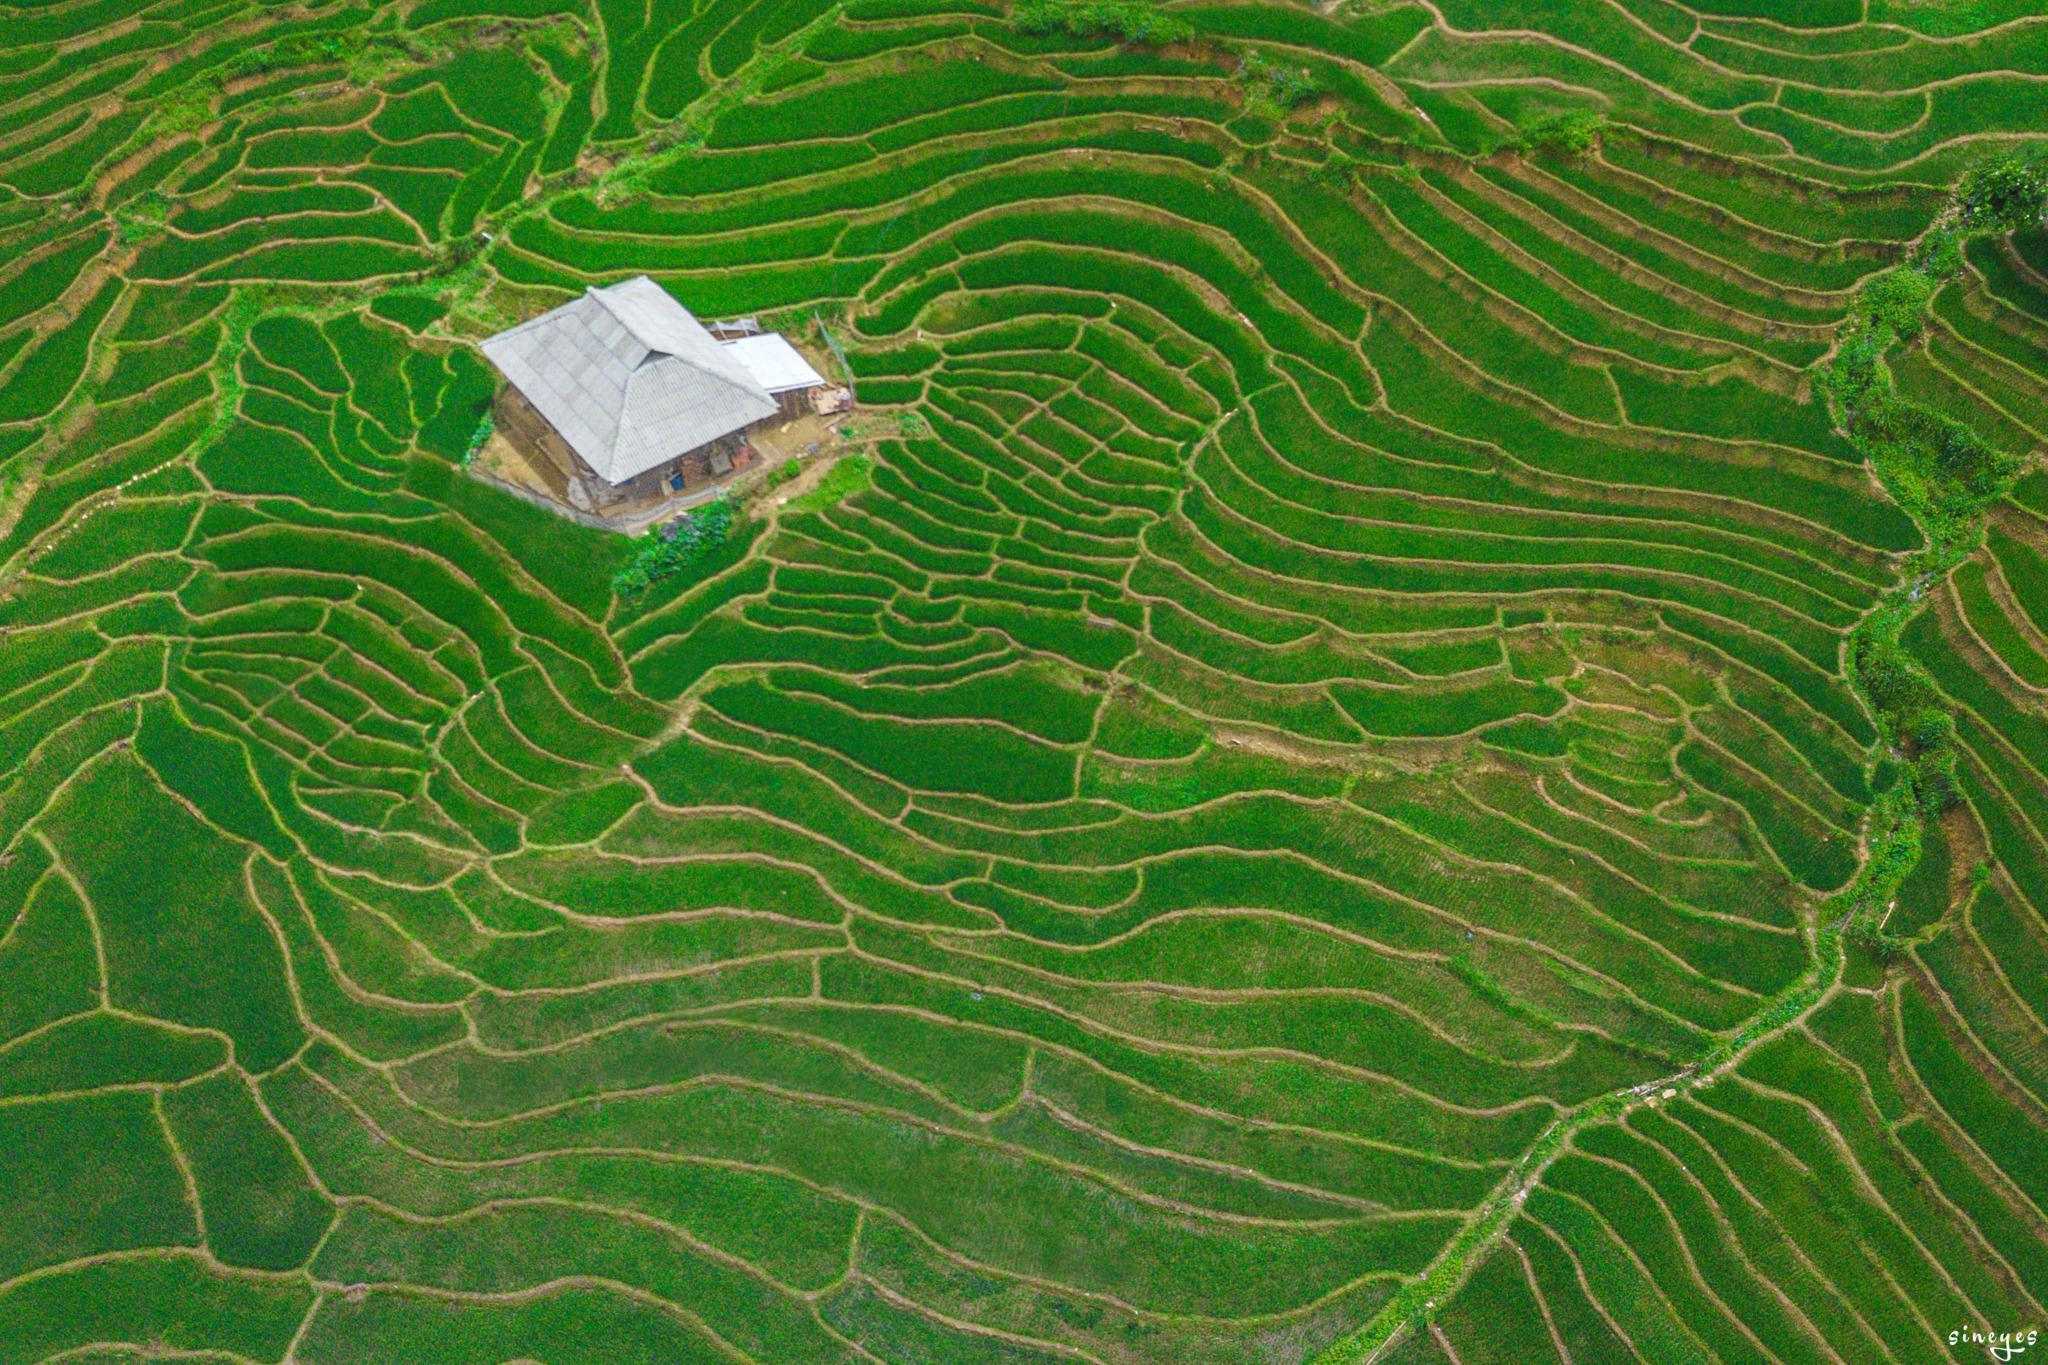 la petite maison dans la rizière by sineyes